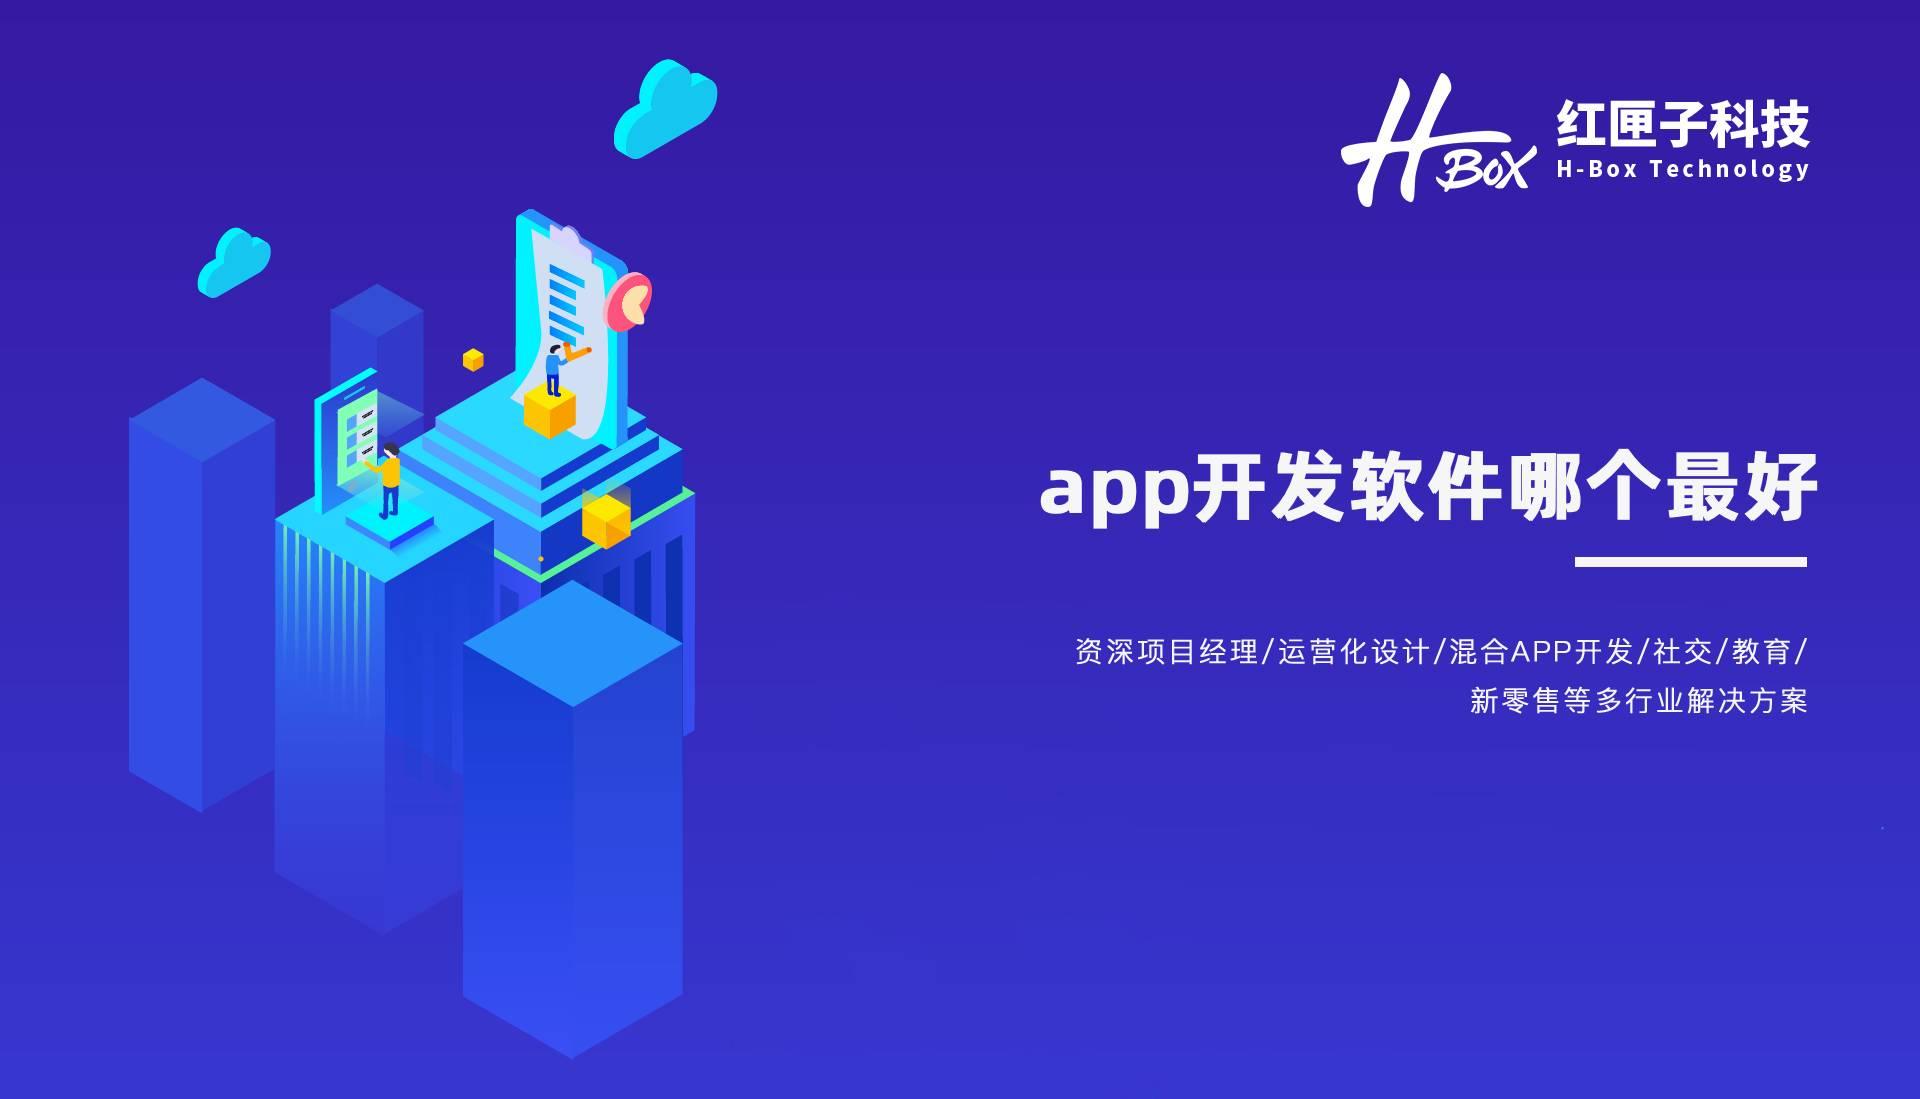 app开发软件哪个最好